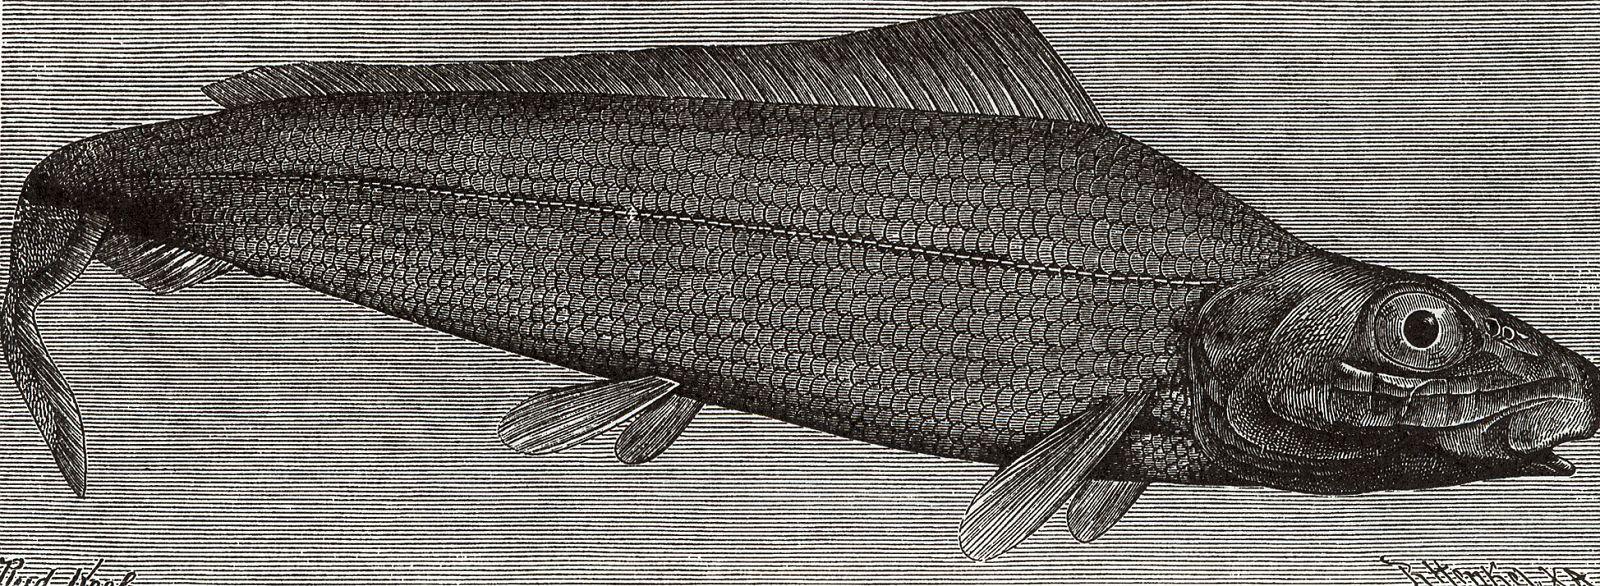 Японская селедка (Bathythrissa dorsalis)